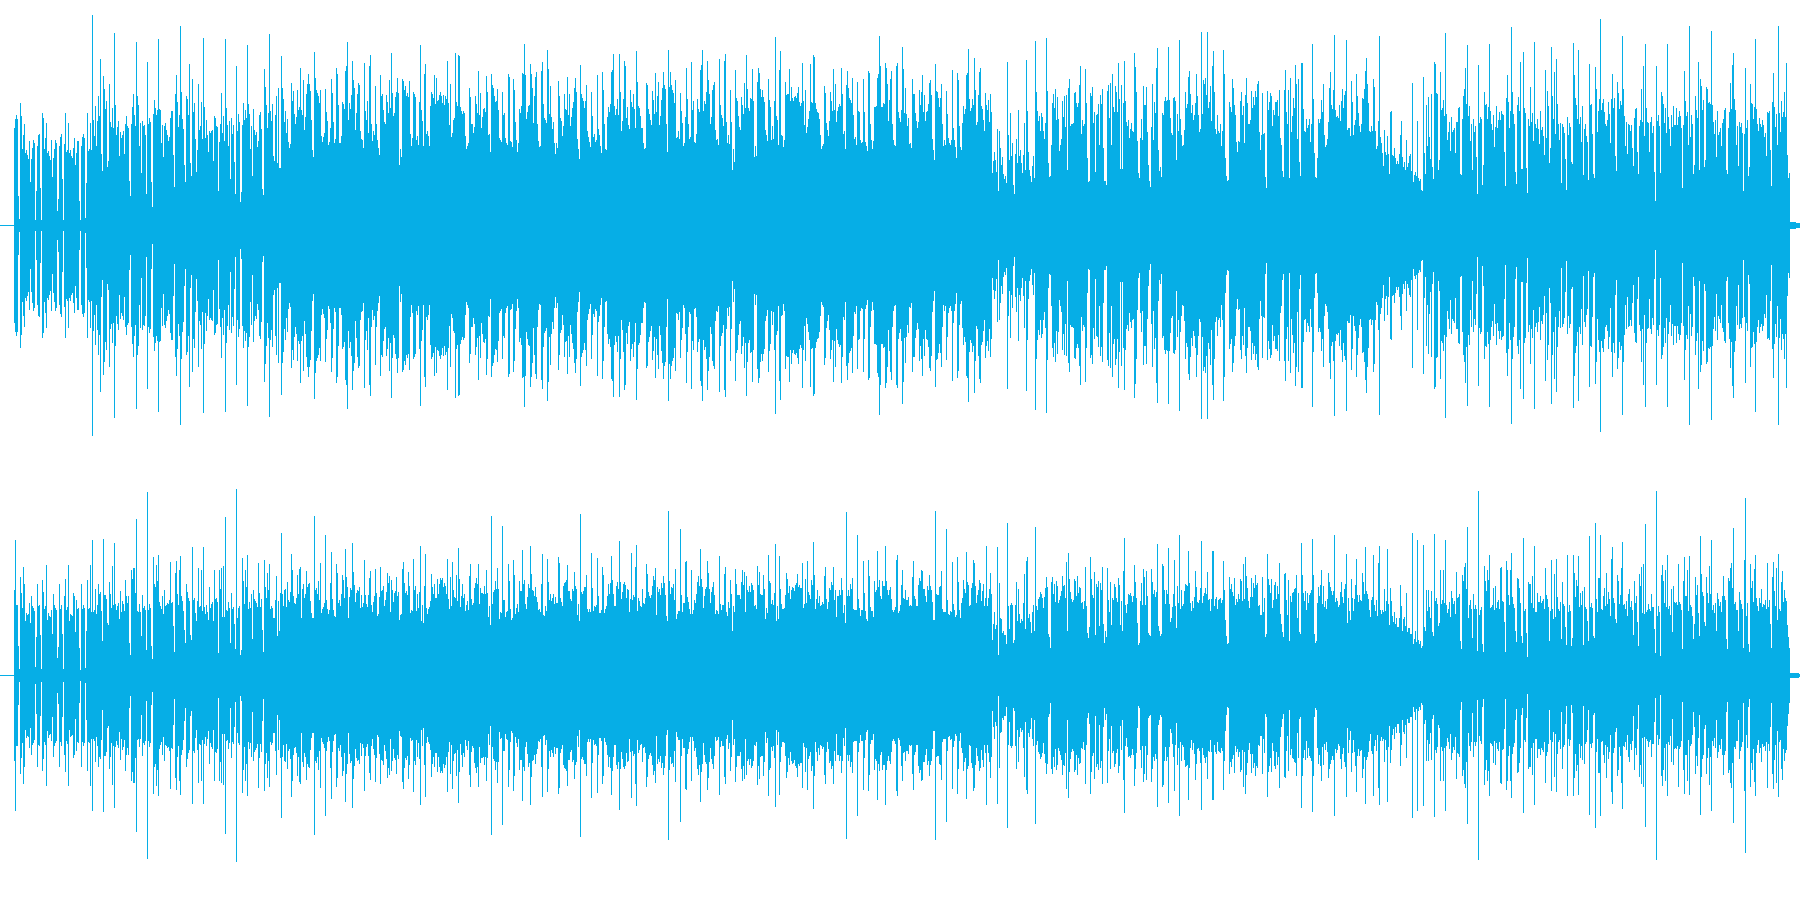 おしゃれなジャズ風インストの再生済みの波形